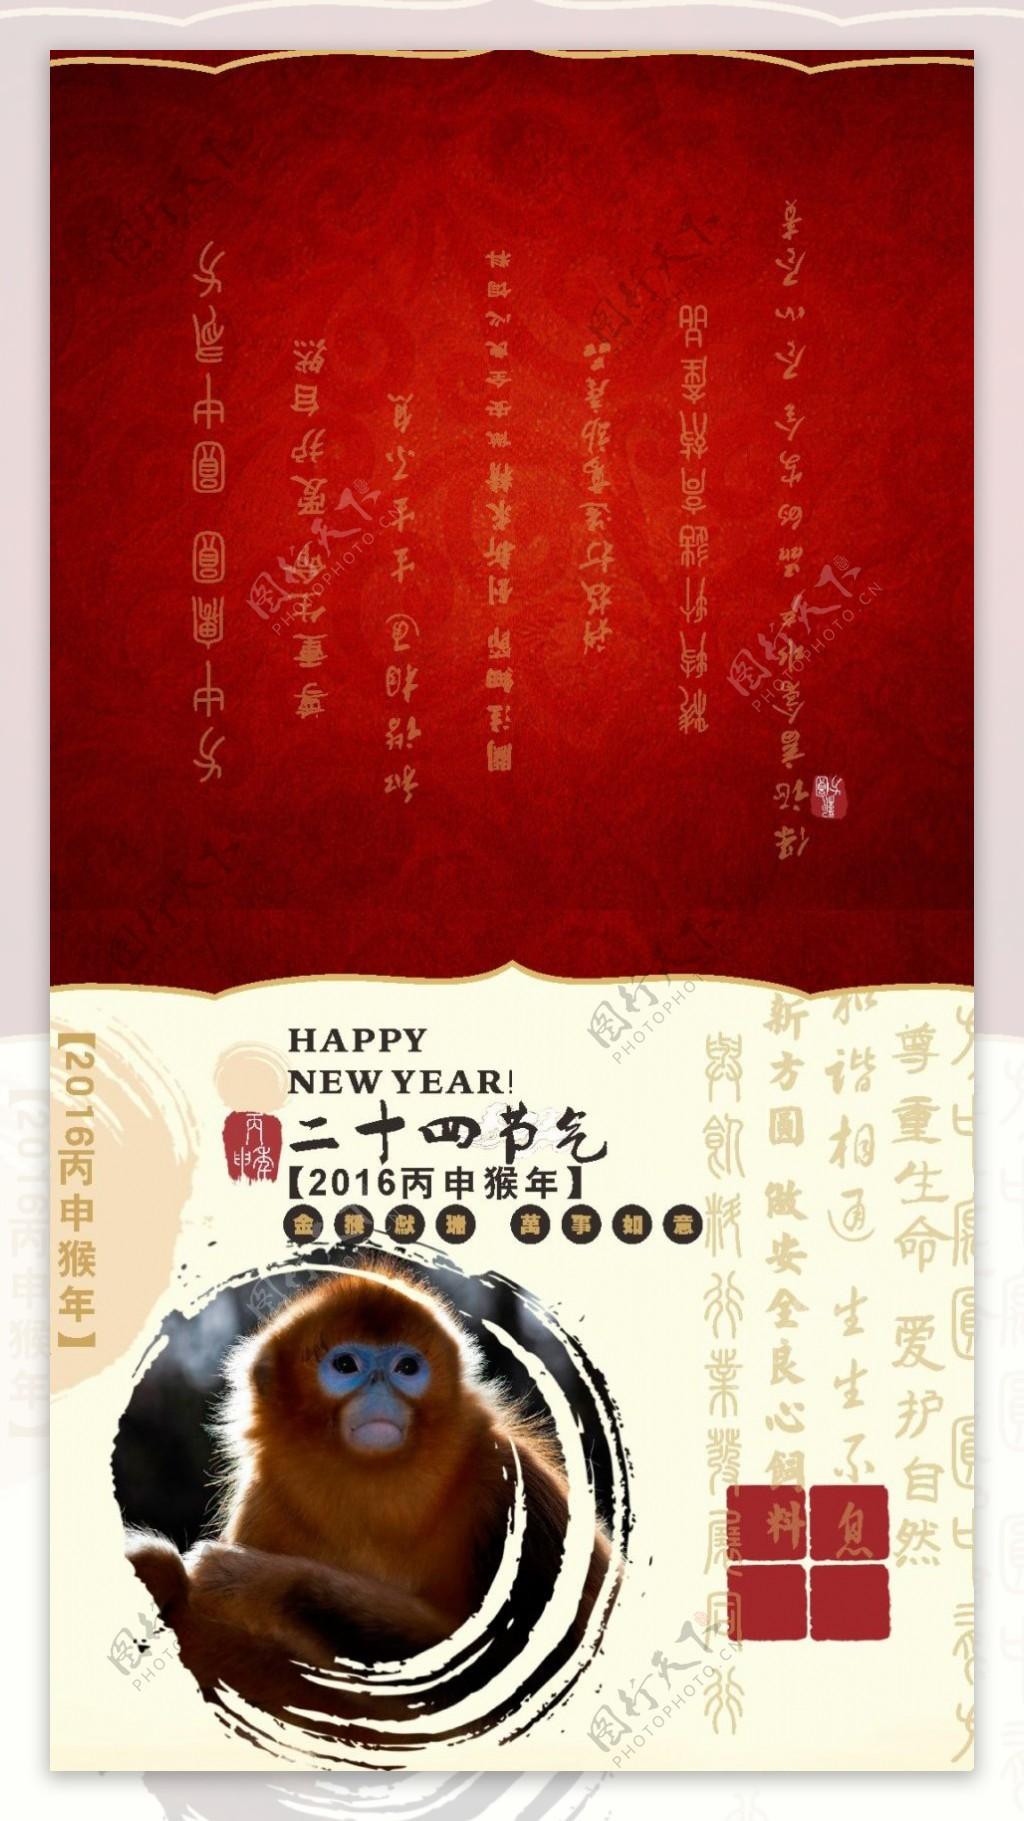 猴年挂历封面素材